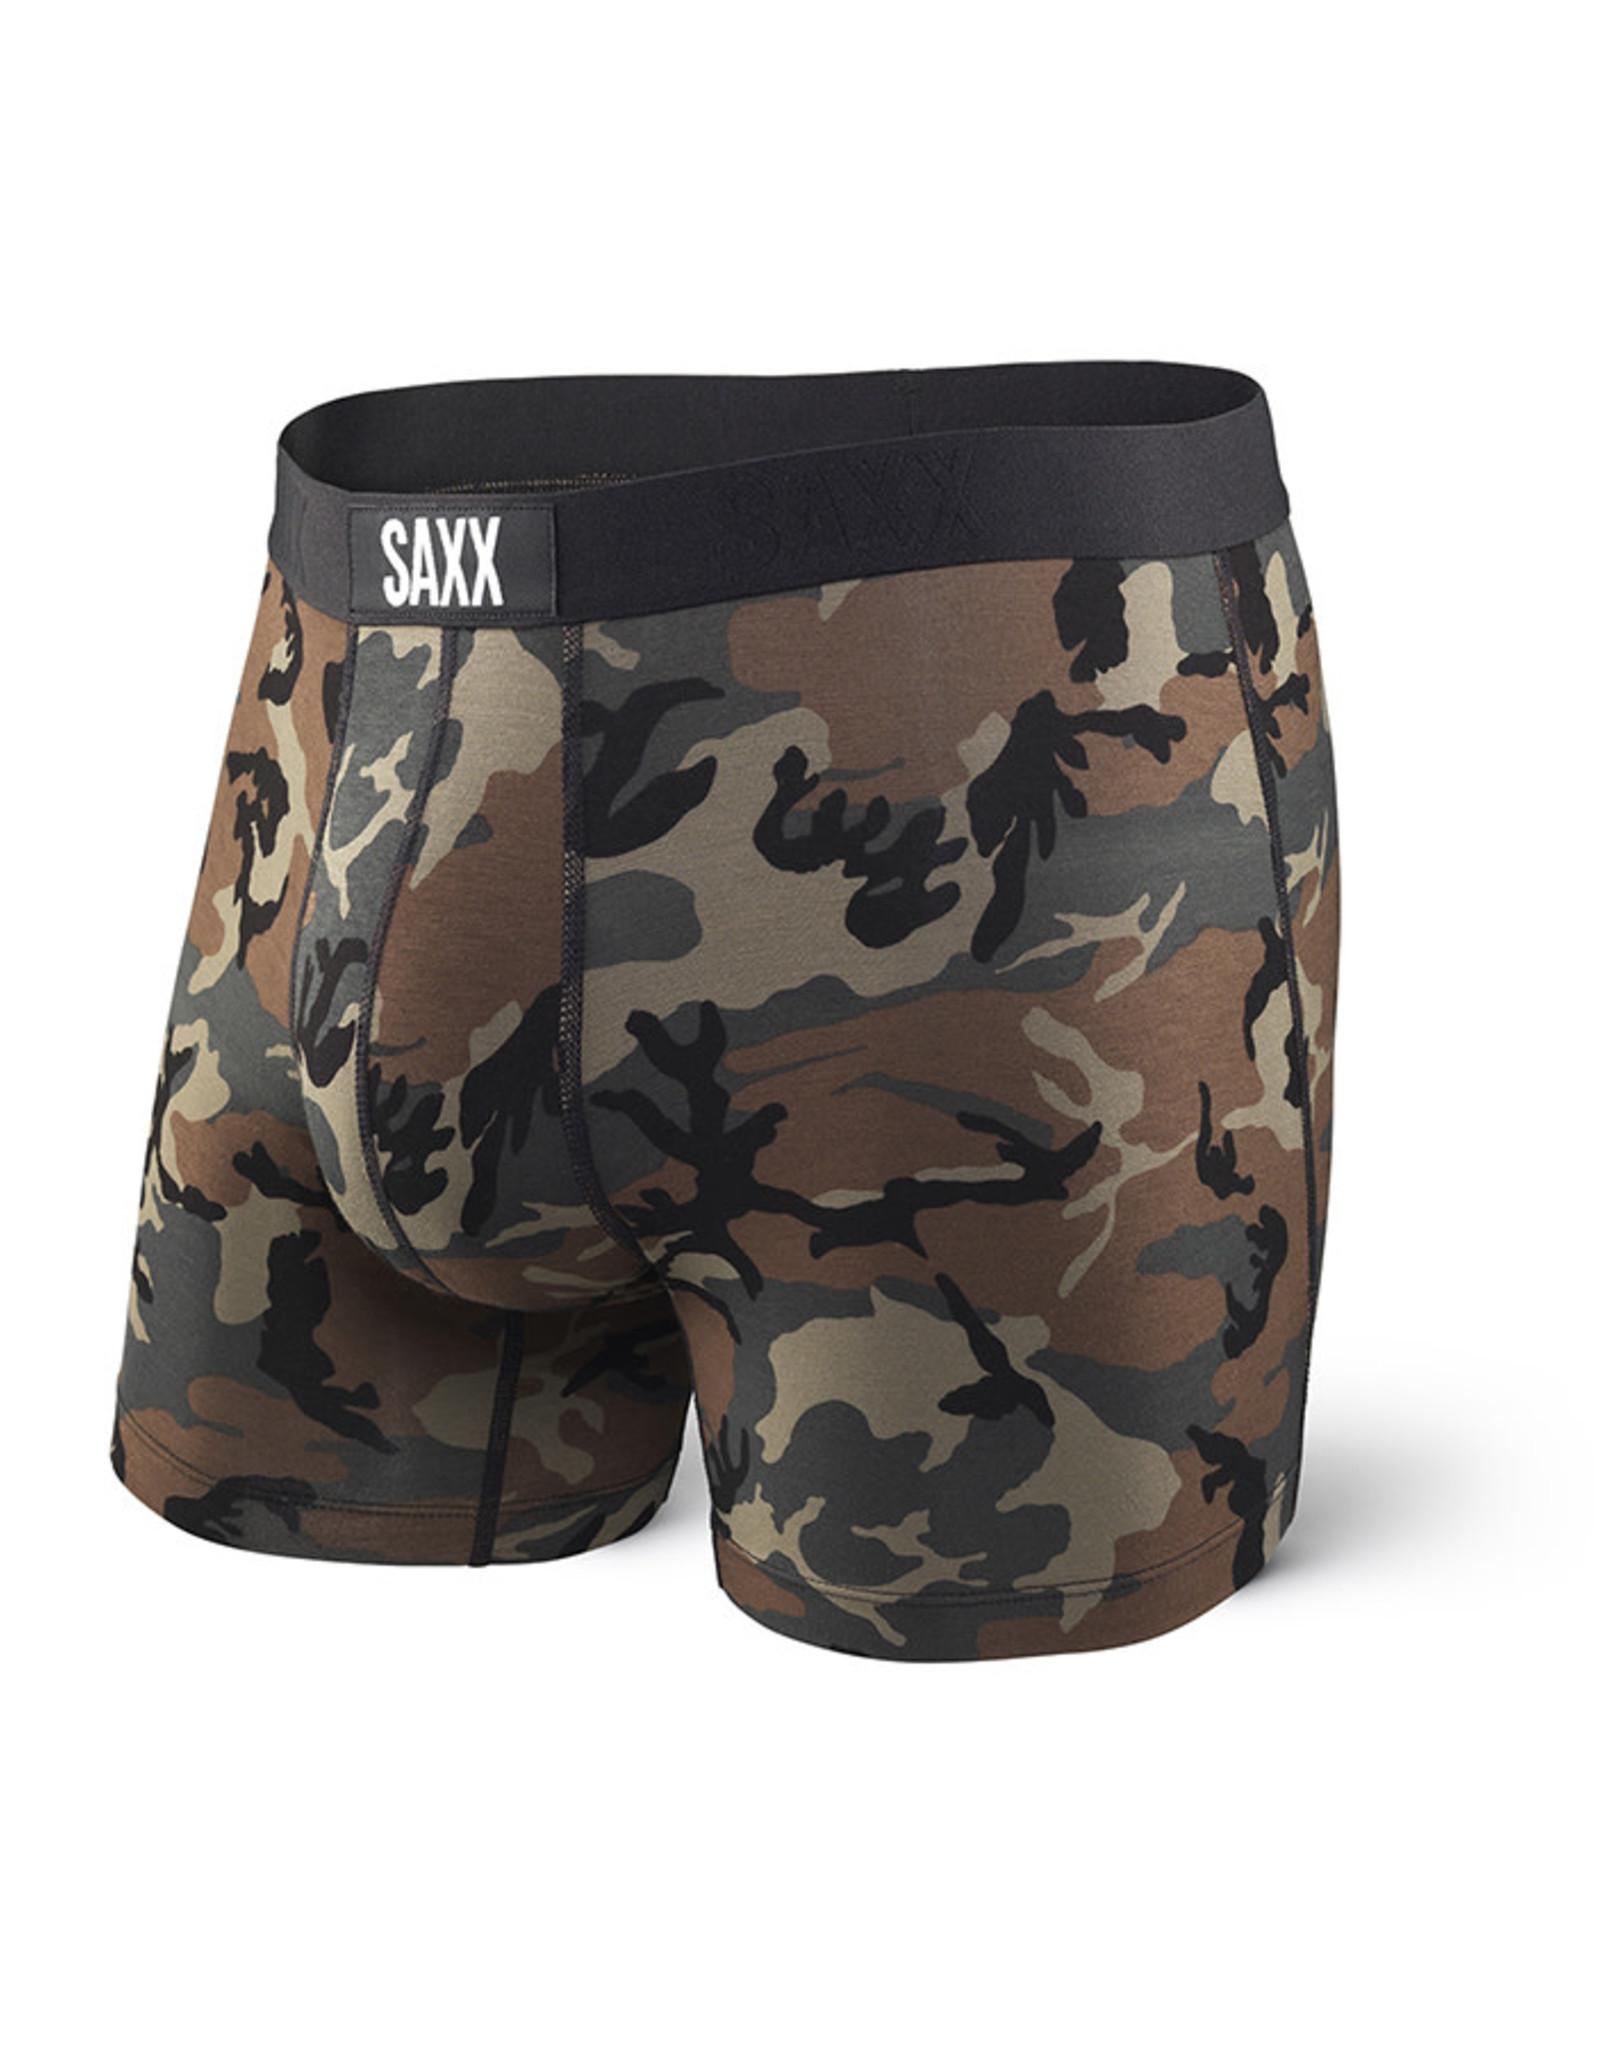 Saxx Saxx Vibe Boxer Brief